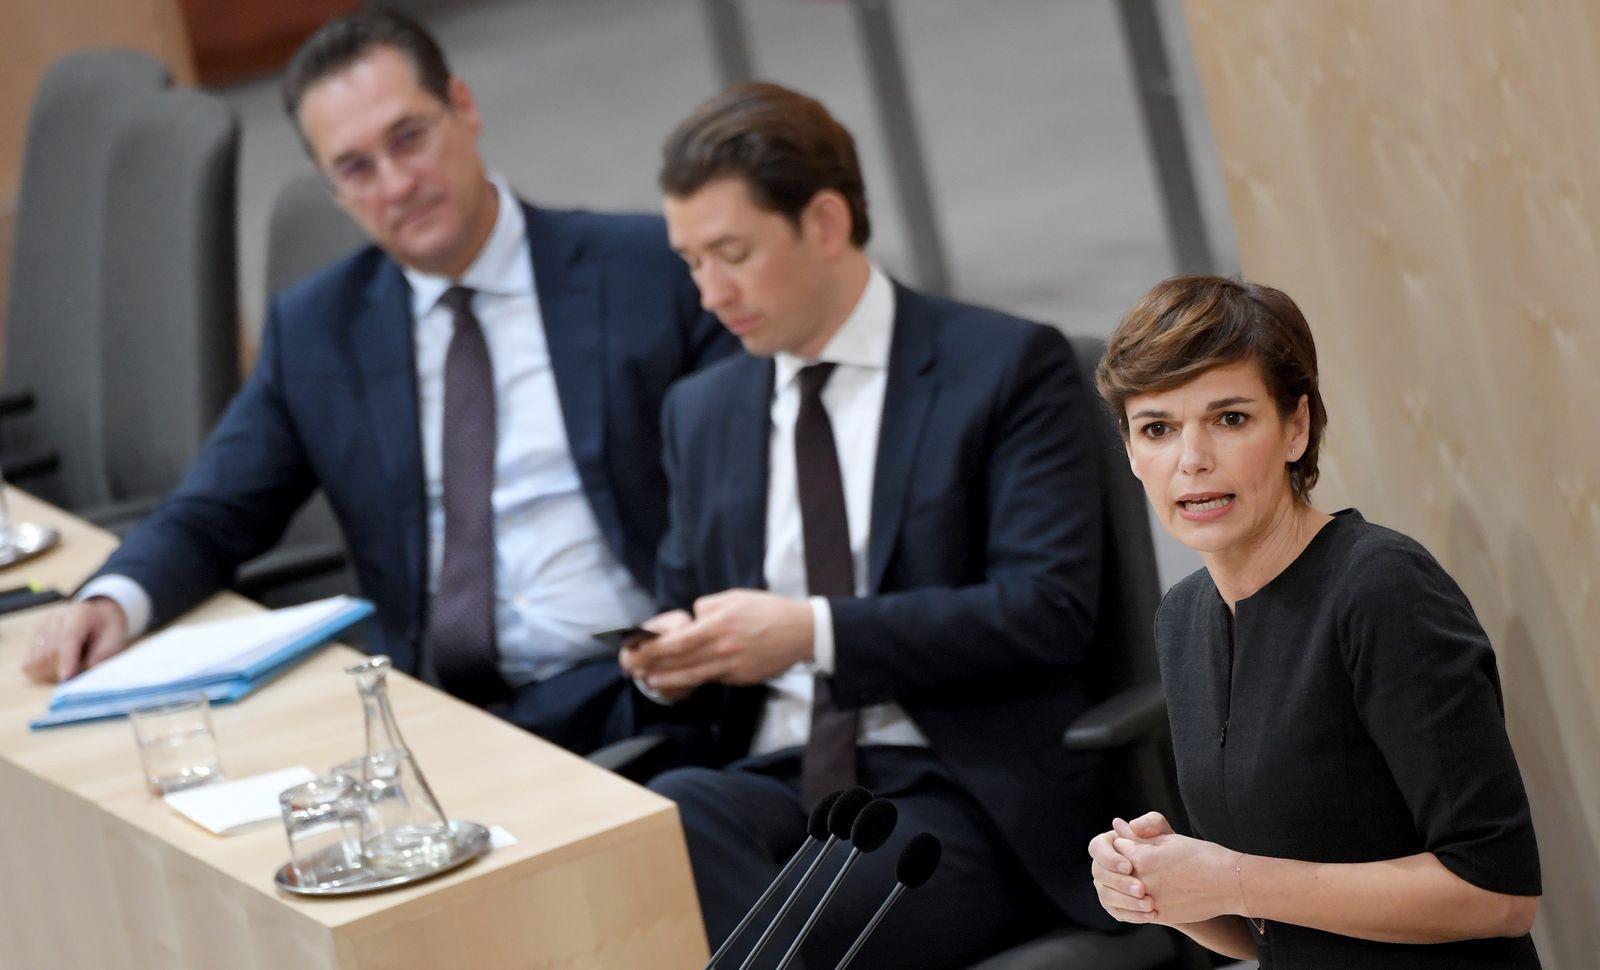 Tarsdorf reiche frau sucht mann Partnersuche ab 60 ansfelden